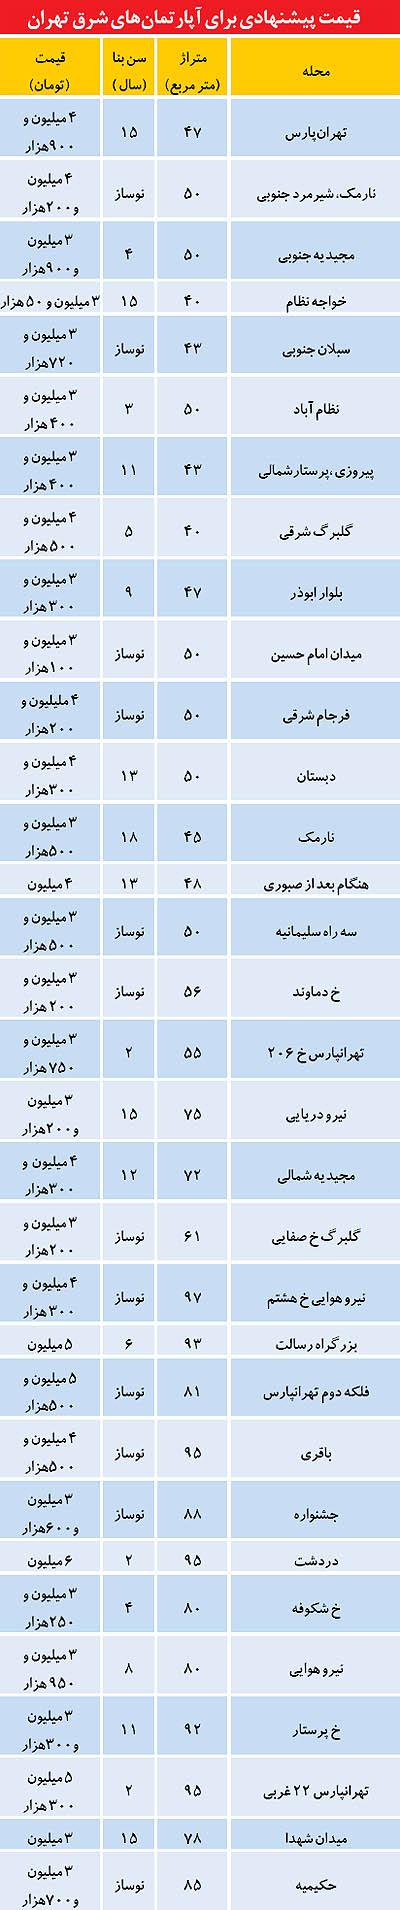 حراج آپارتمان در شرق تهران +جدول